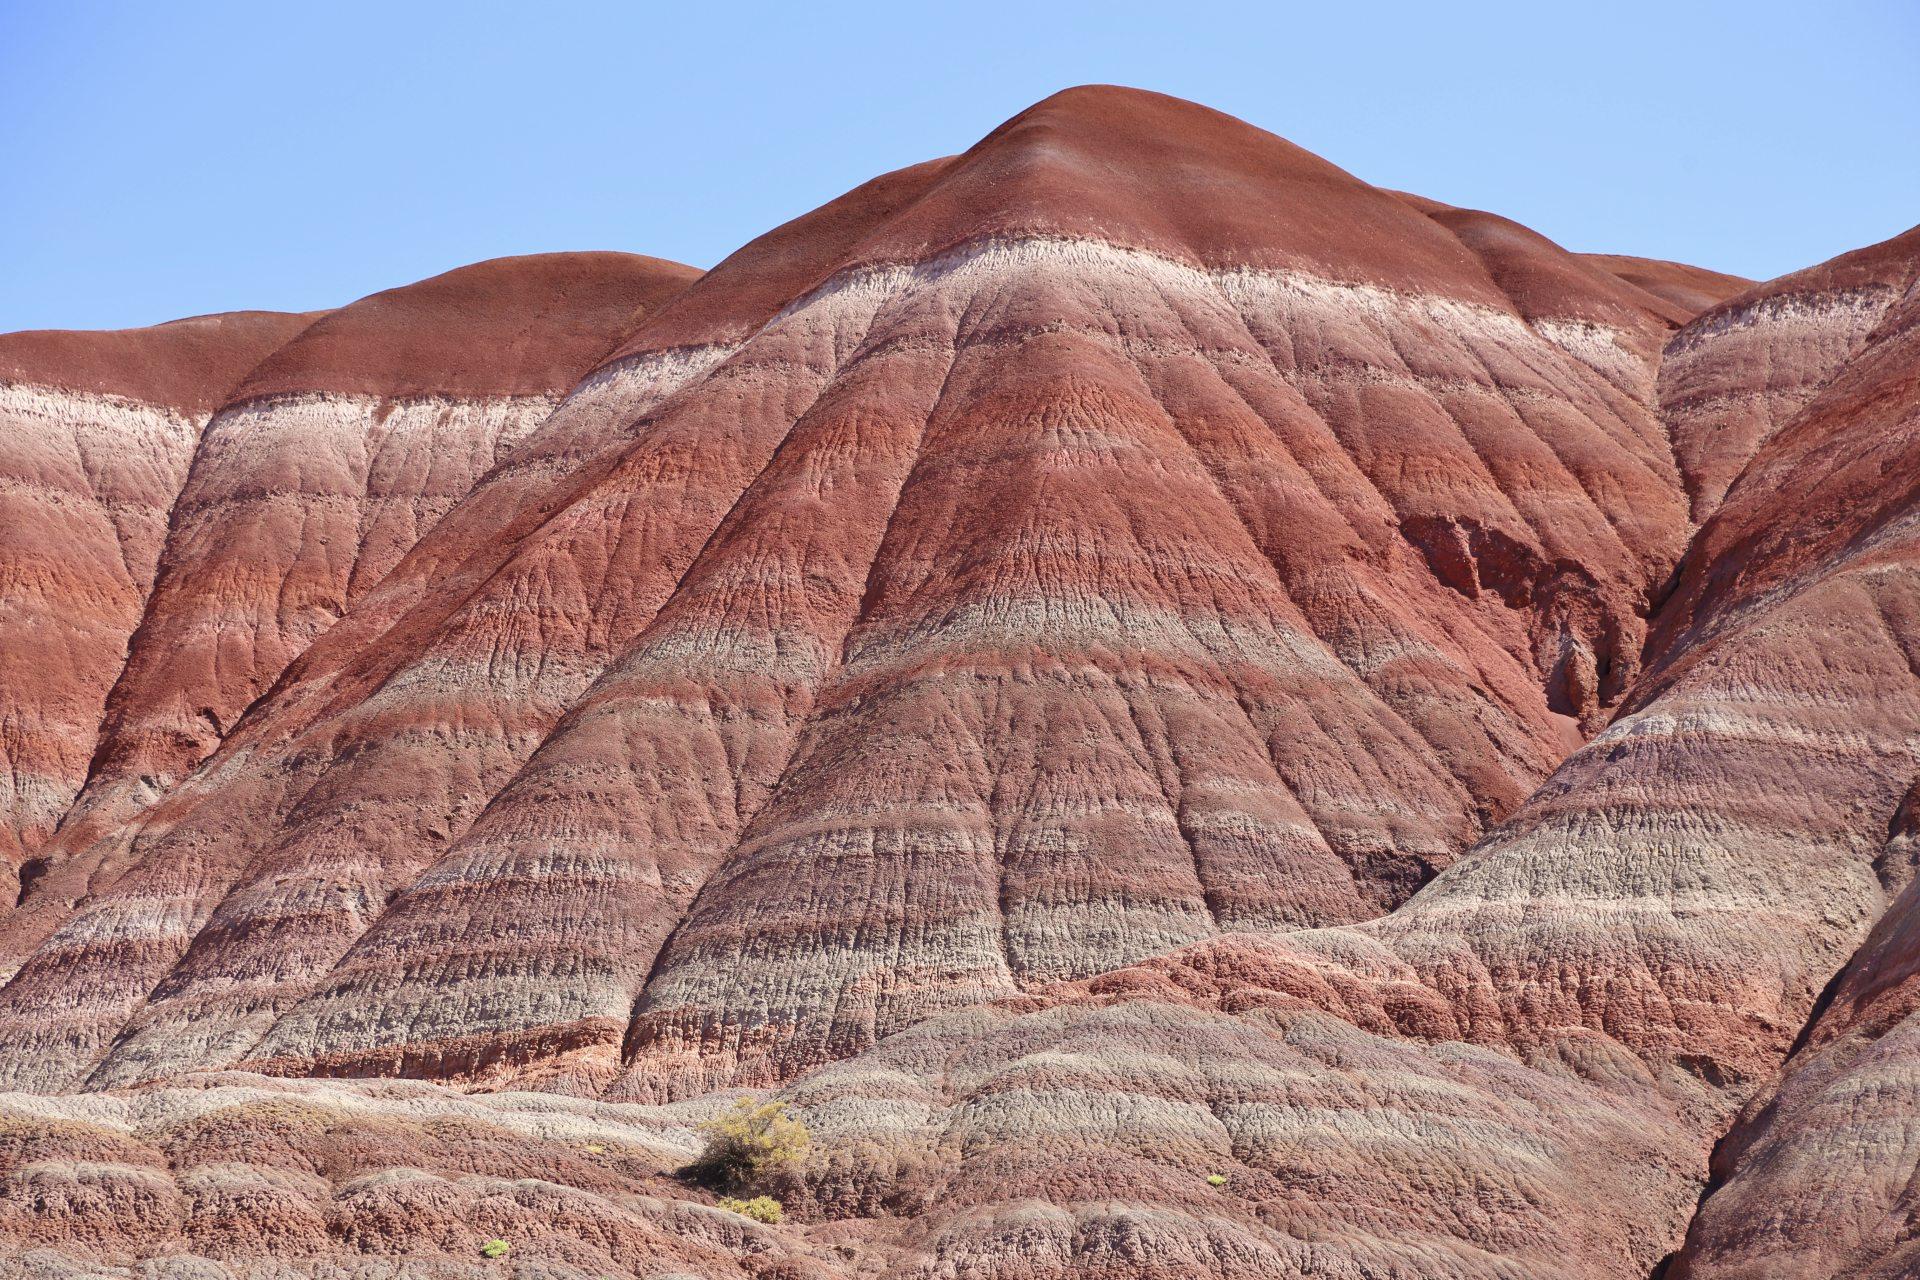 Diese Felsen spielen alle Farben! - Drehort, Farben, farbenfroh, Felsformationen, Felslandschaft, Geologie, Gesteinsschichten, Grand Staircase Escalante National Monument, GSENM, Himmel, Paria, Paria Movie Set, Sandstein, Sandsteinformationen, Utah - (Paria, , Utah, Vereinigte Staaten)